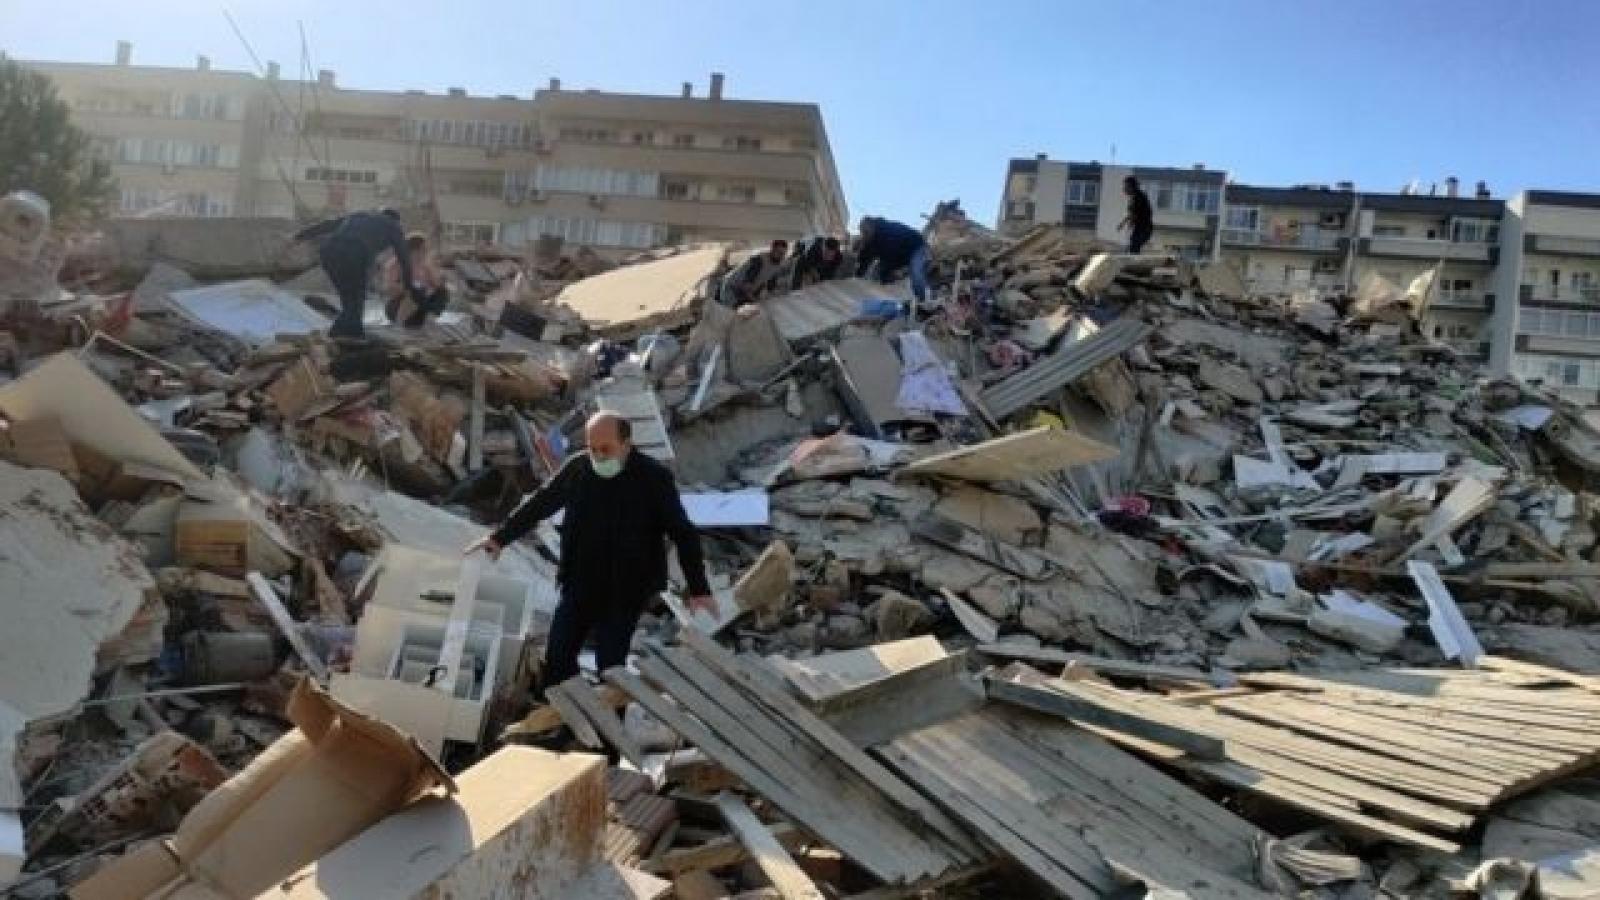 Động đất tại Thổ Nhĩ Kỳ: Hơn 900 người thương vong